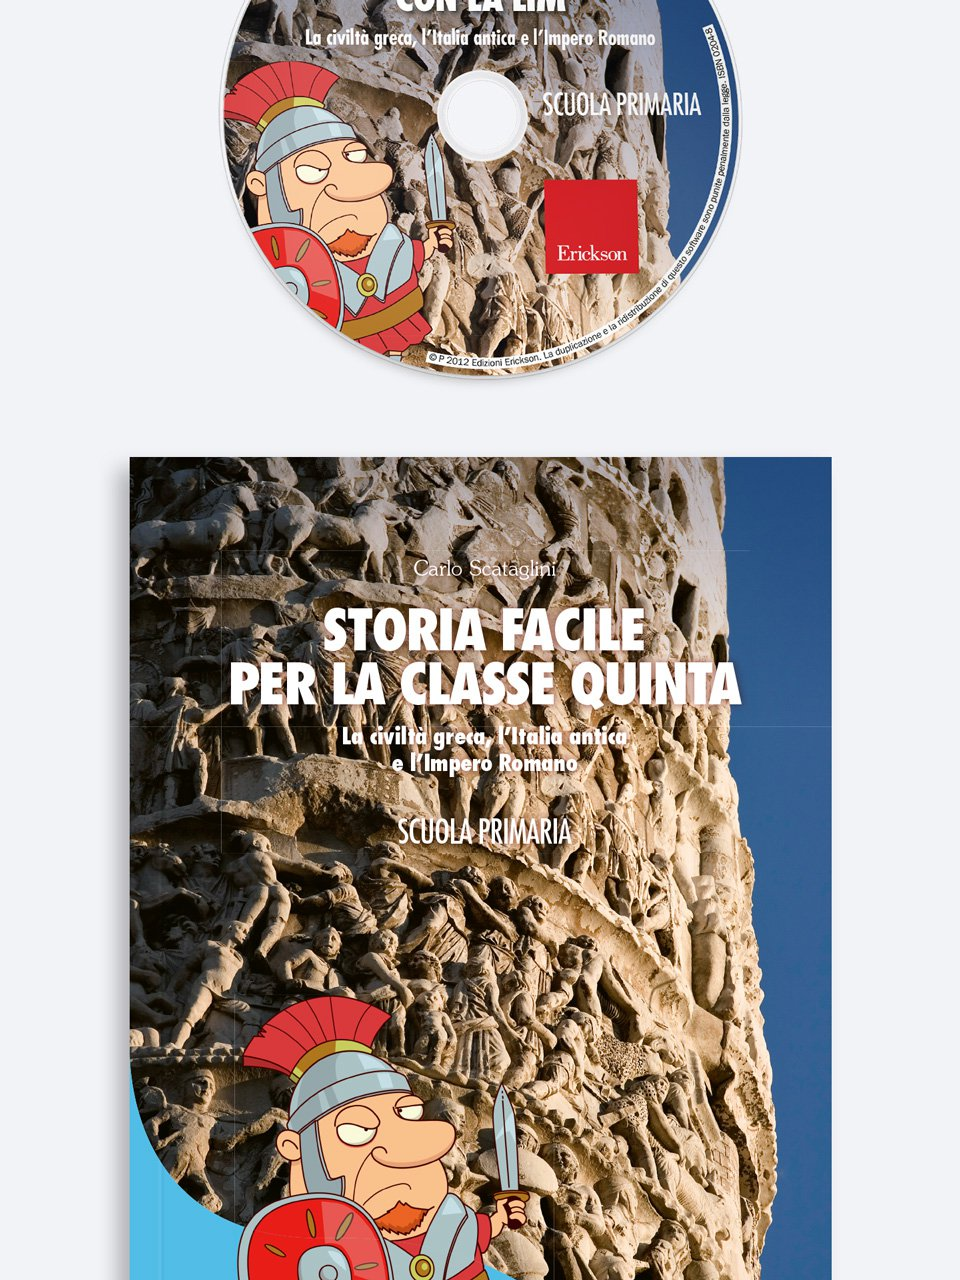 Storia facile per la classe quinta - Libri - App e software - Erickson 5